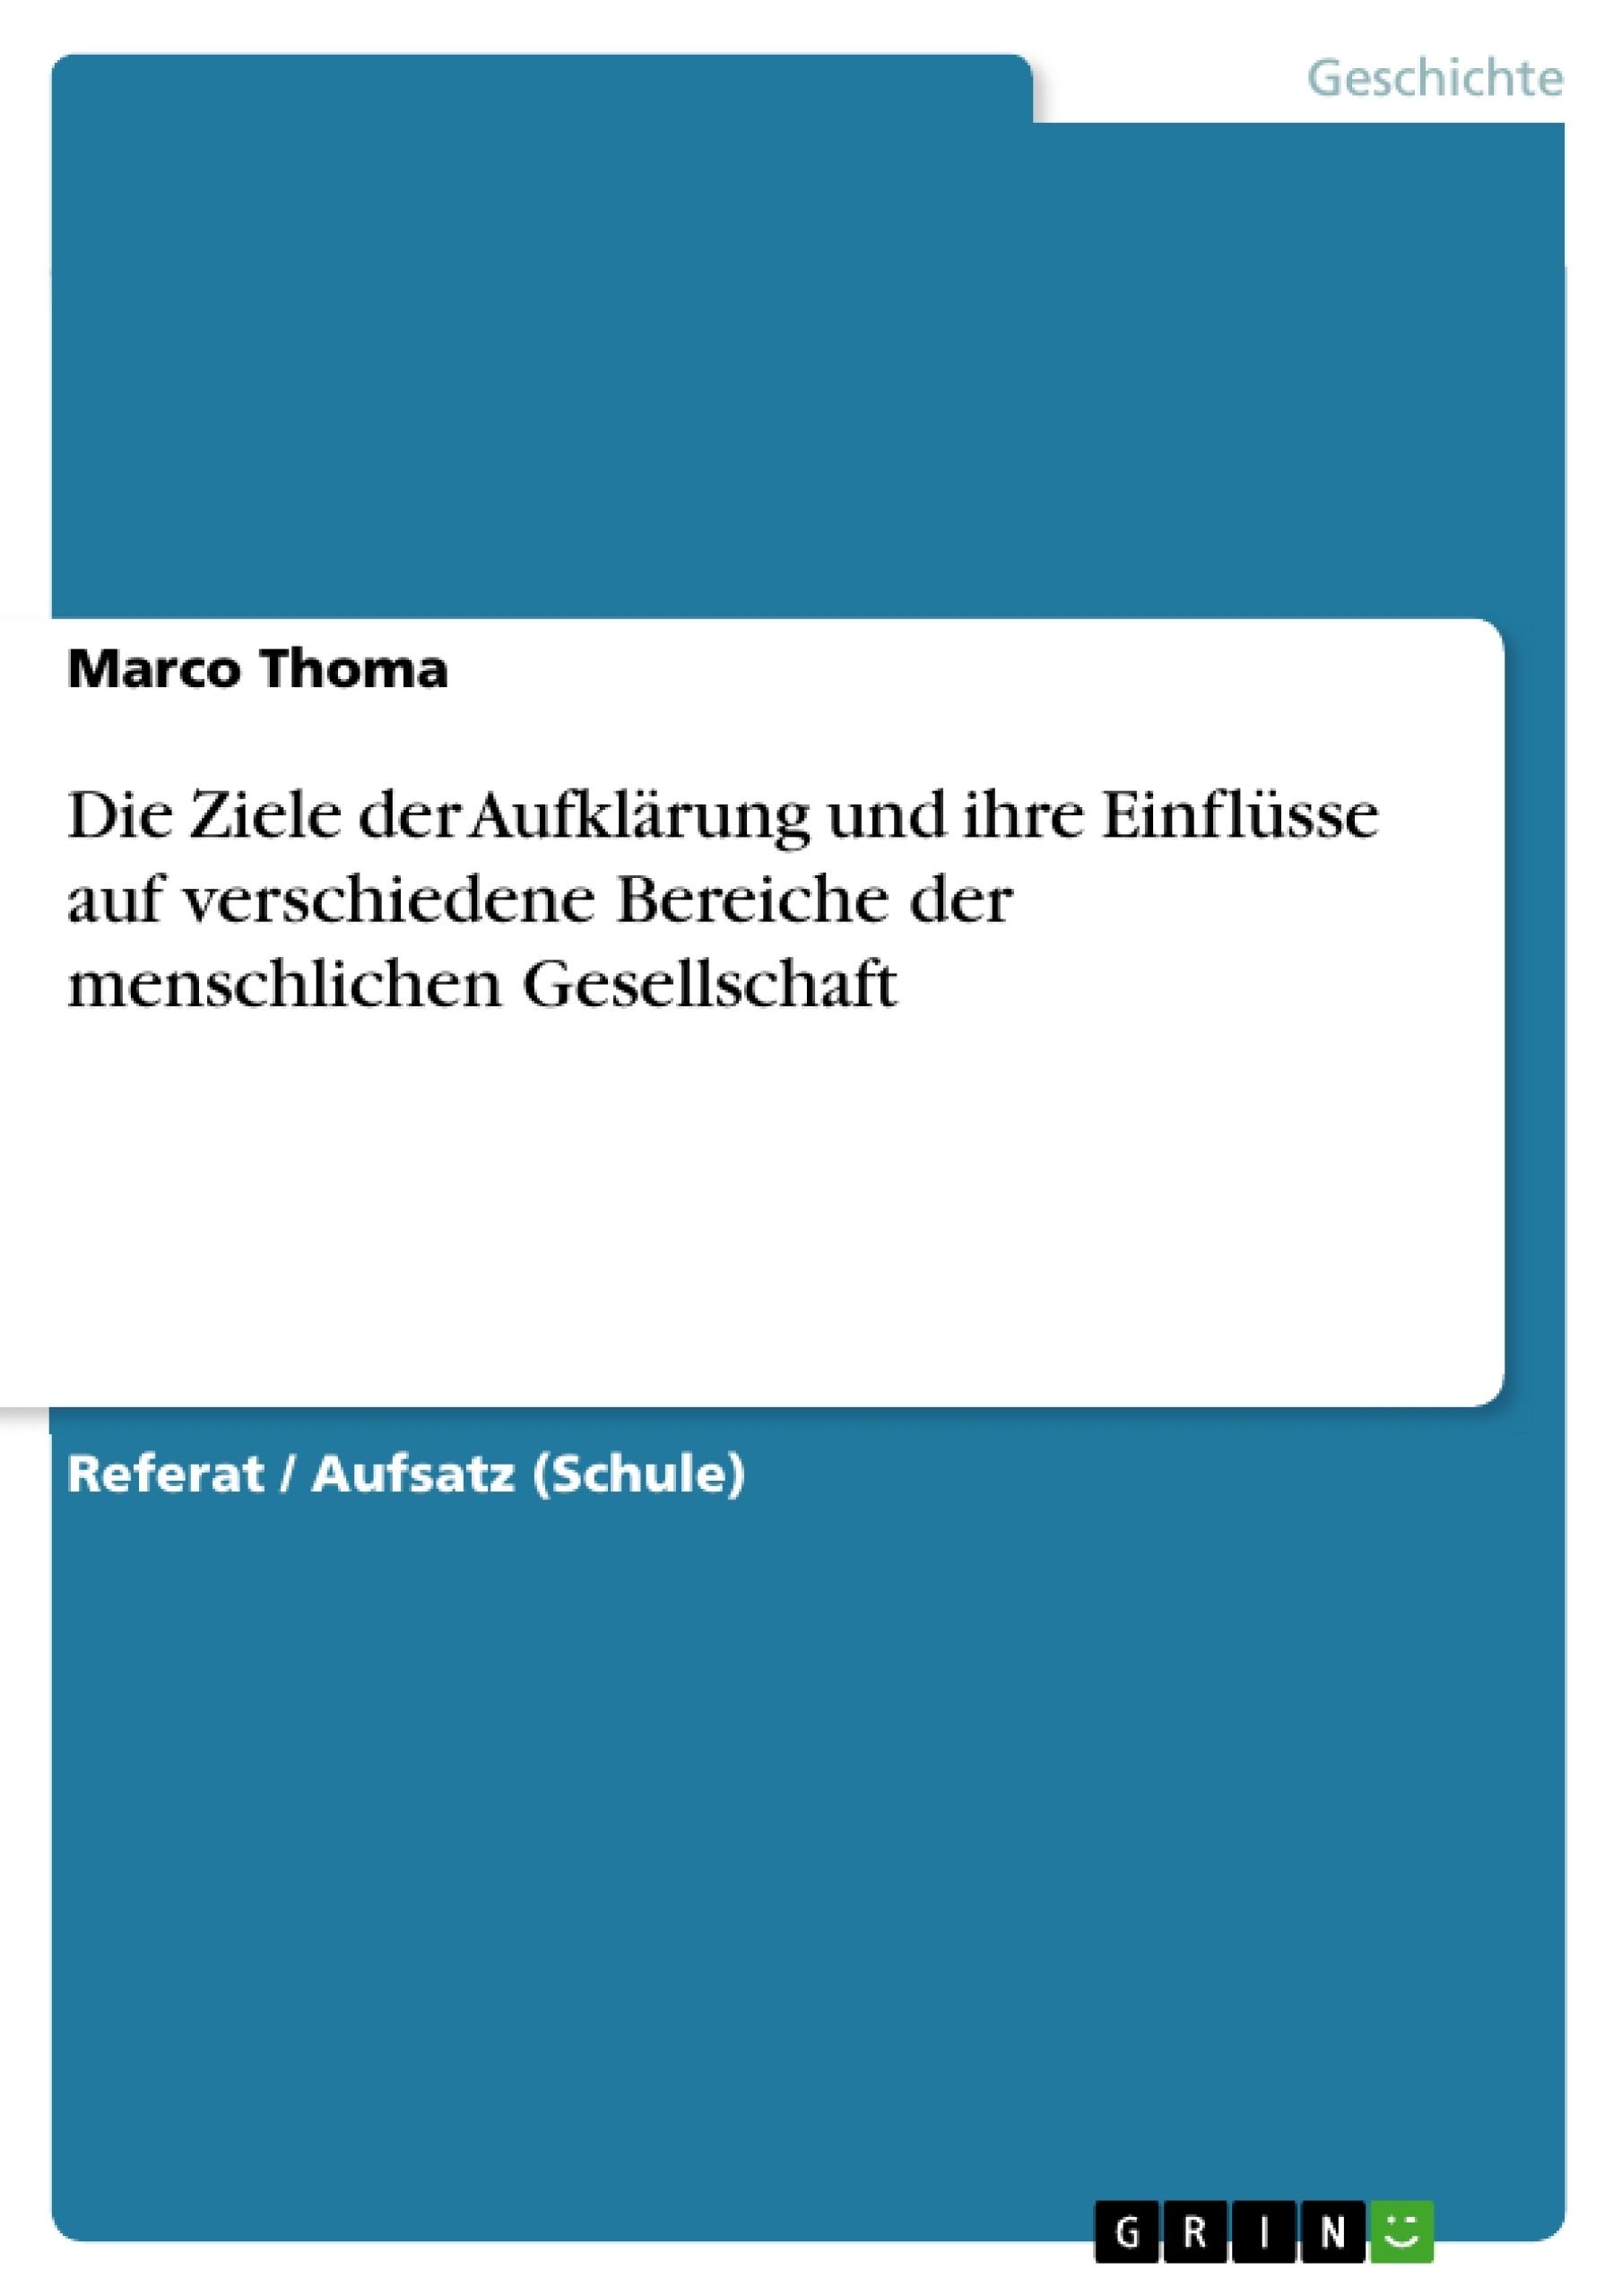 Titel: Die Ziele der Aufklärung und ihre Einflüsse auf verschiedene Bereiche der menschlichen Gesellschaft